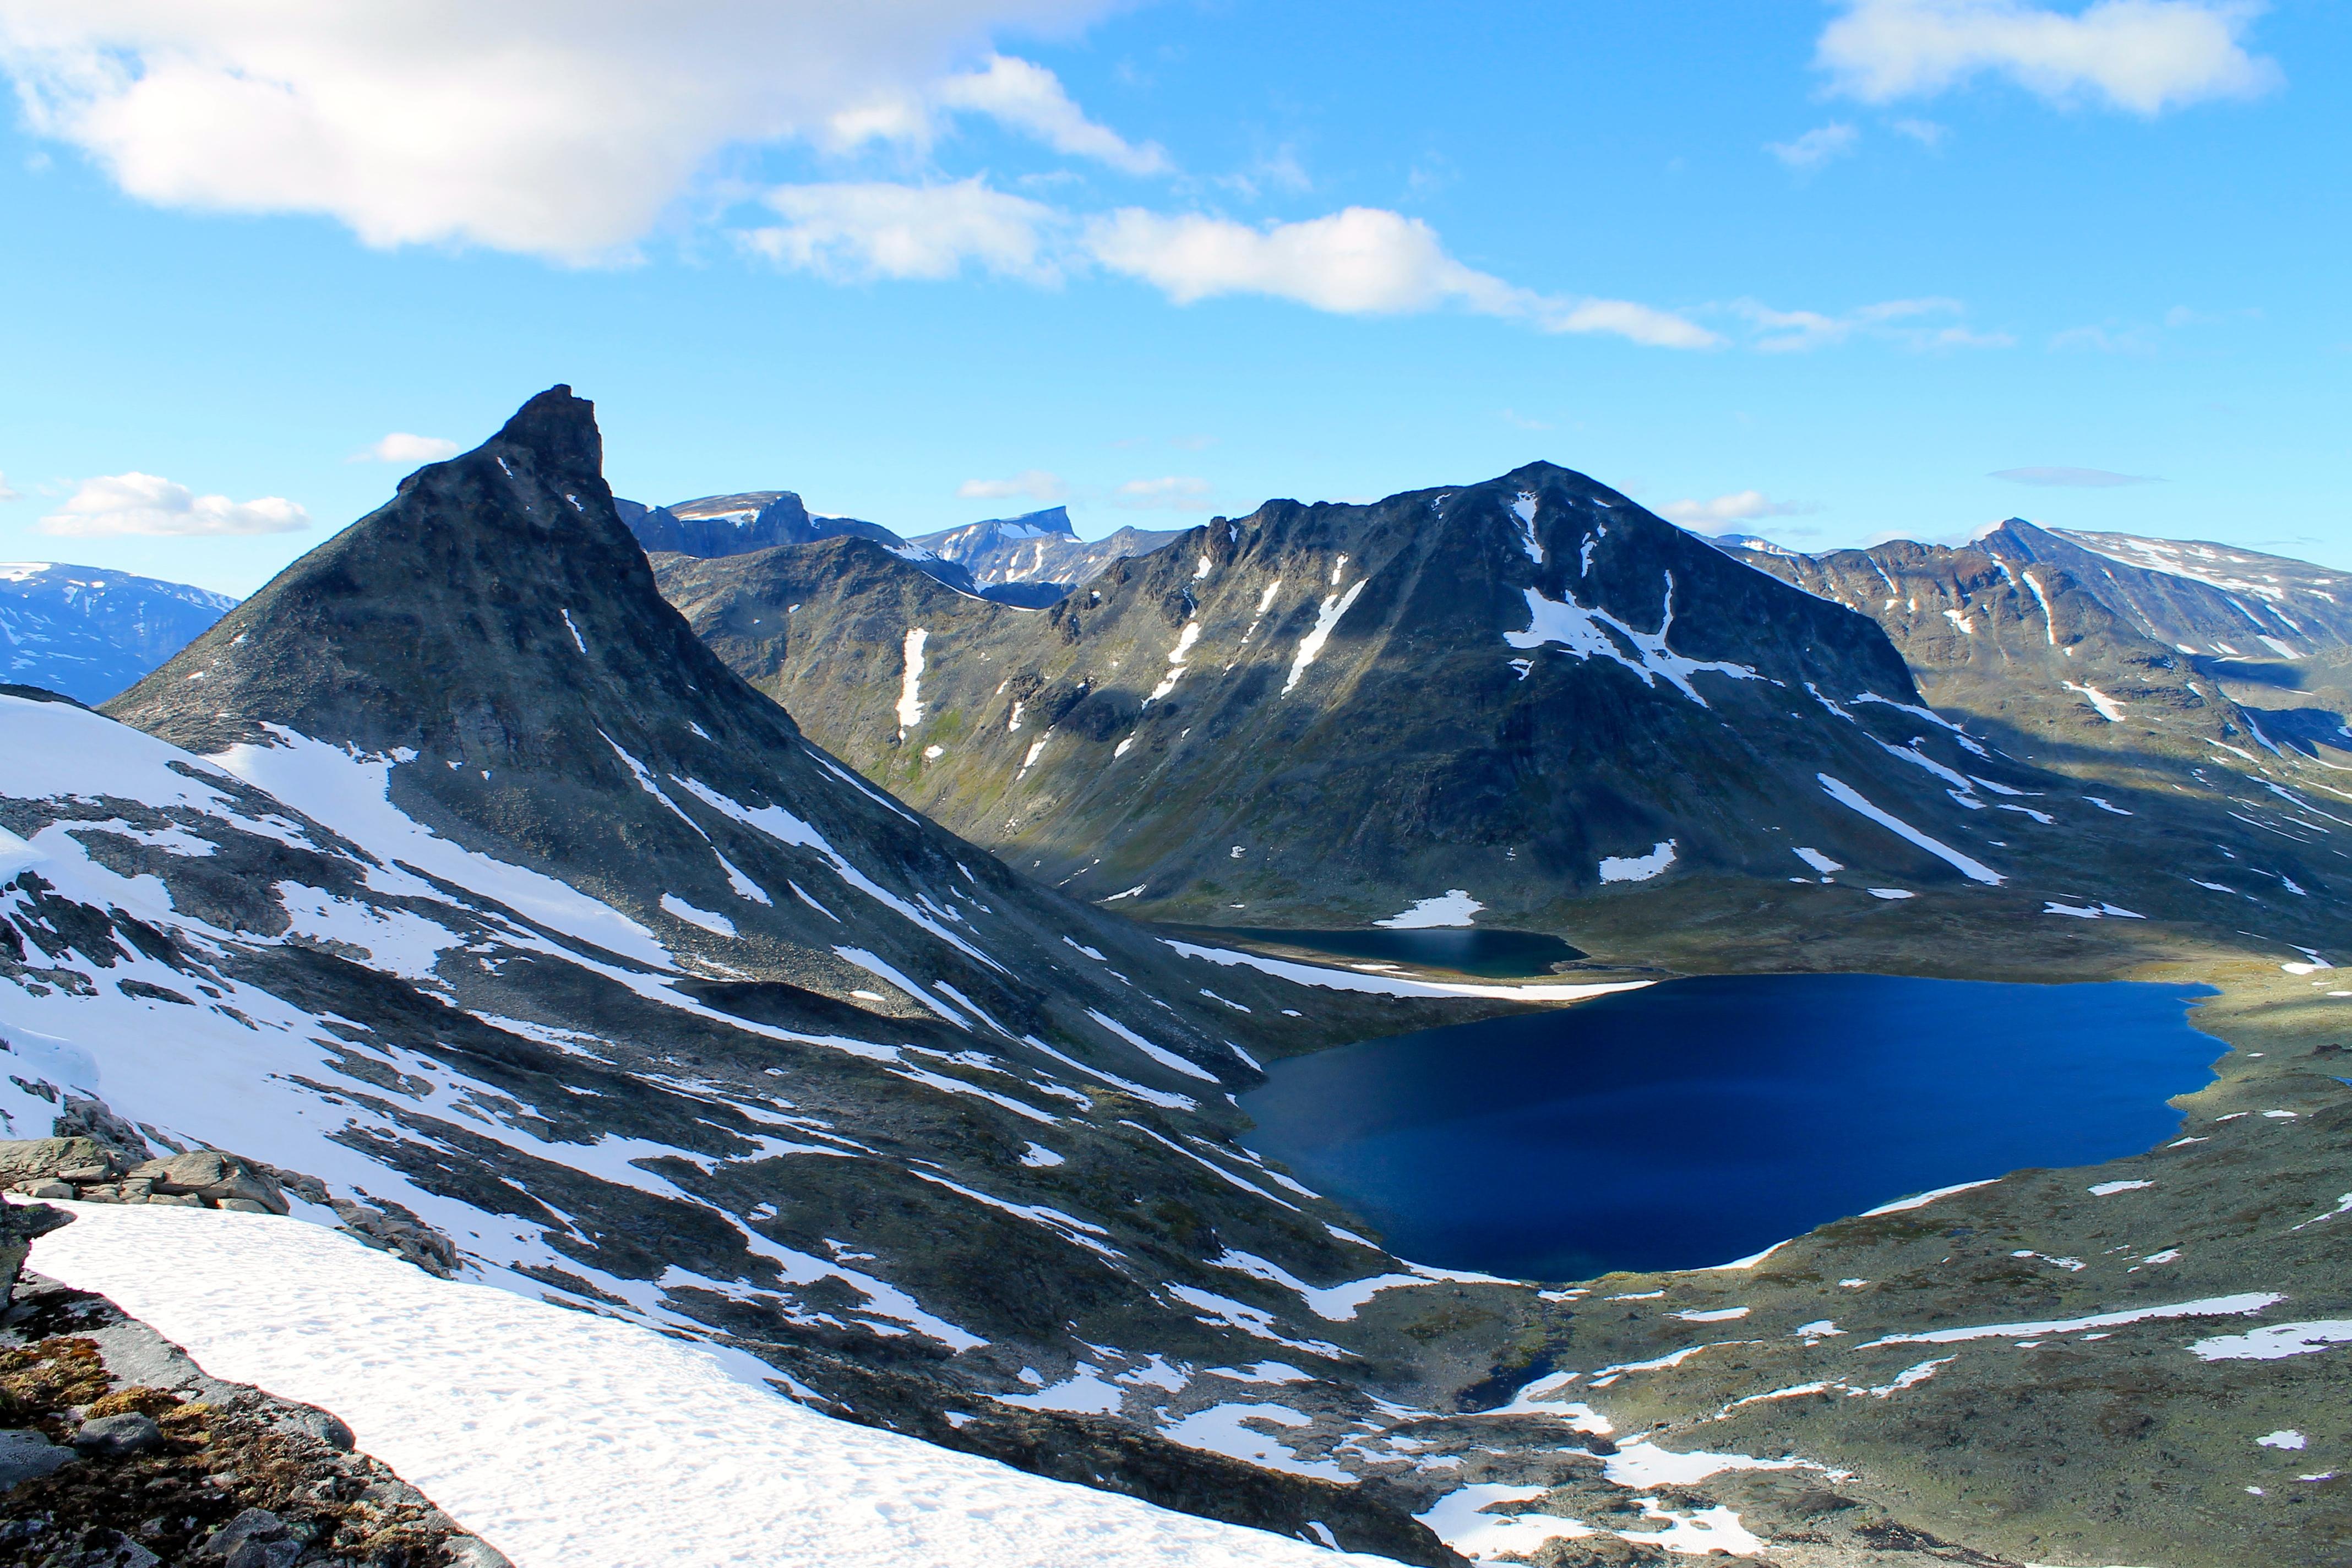 Fra den karakteristiske og luftige toppen Kyrkja har en flott utsikt over store deler av Jotunheimen.